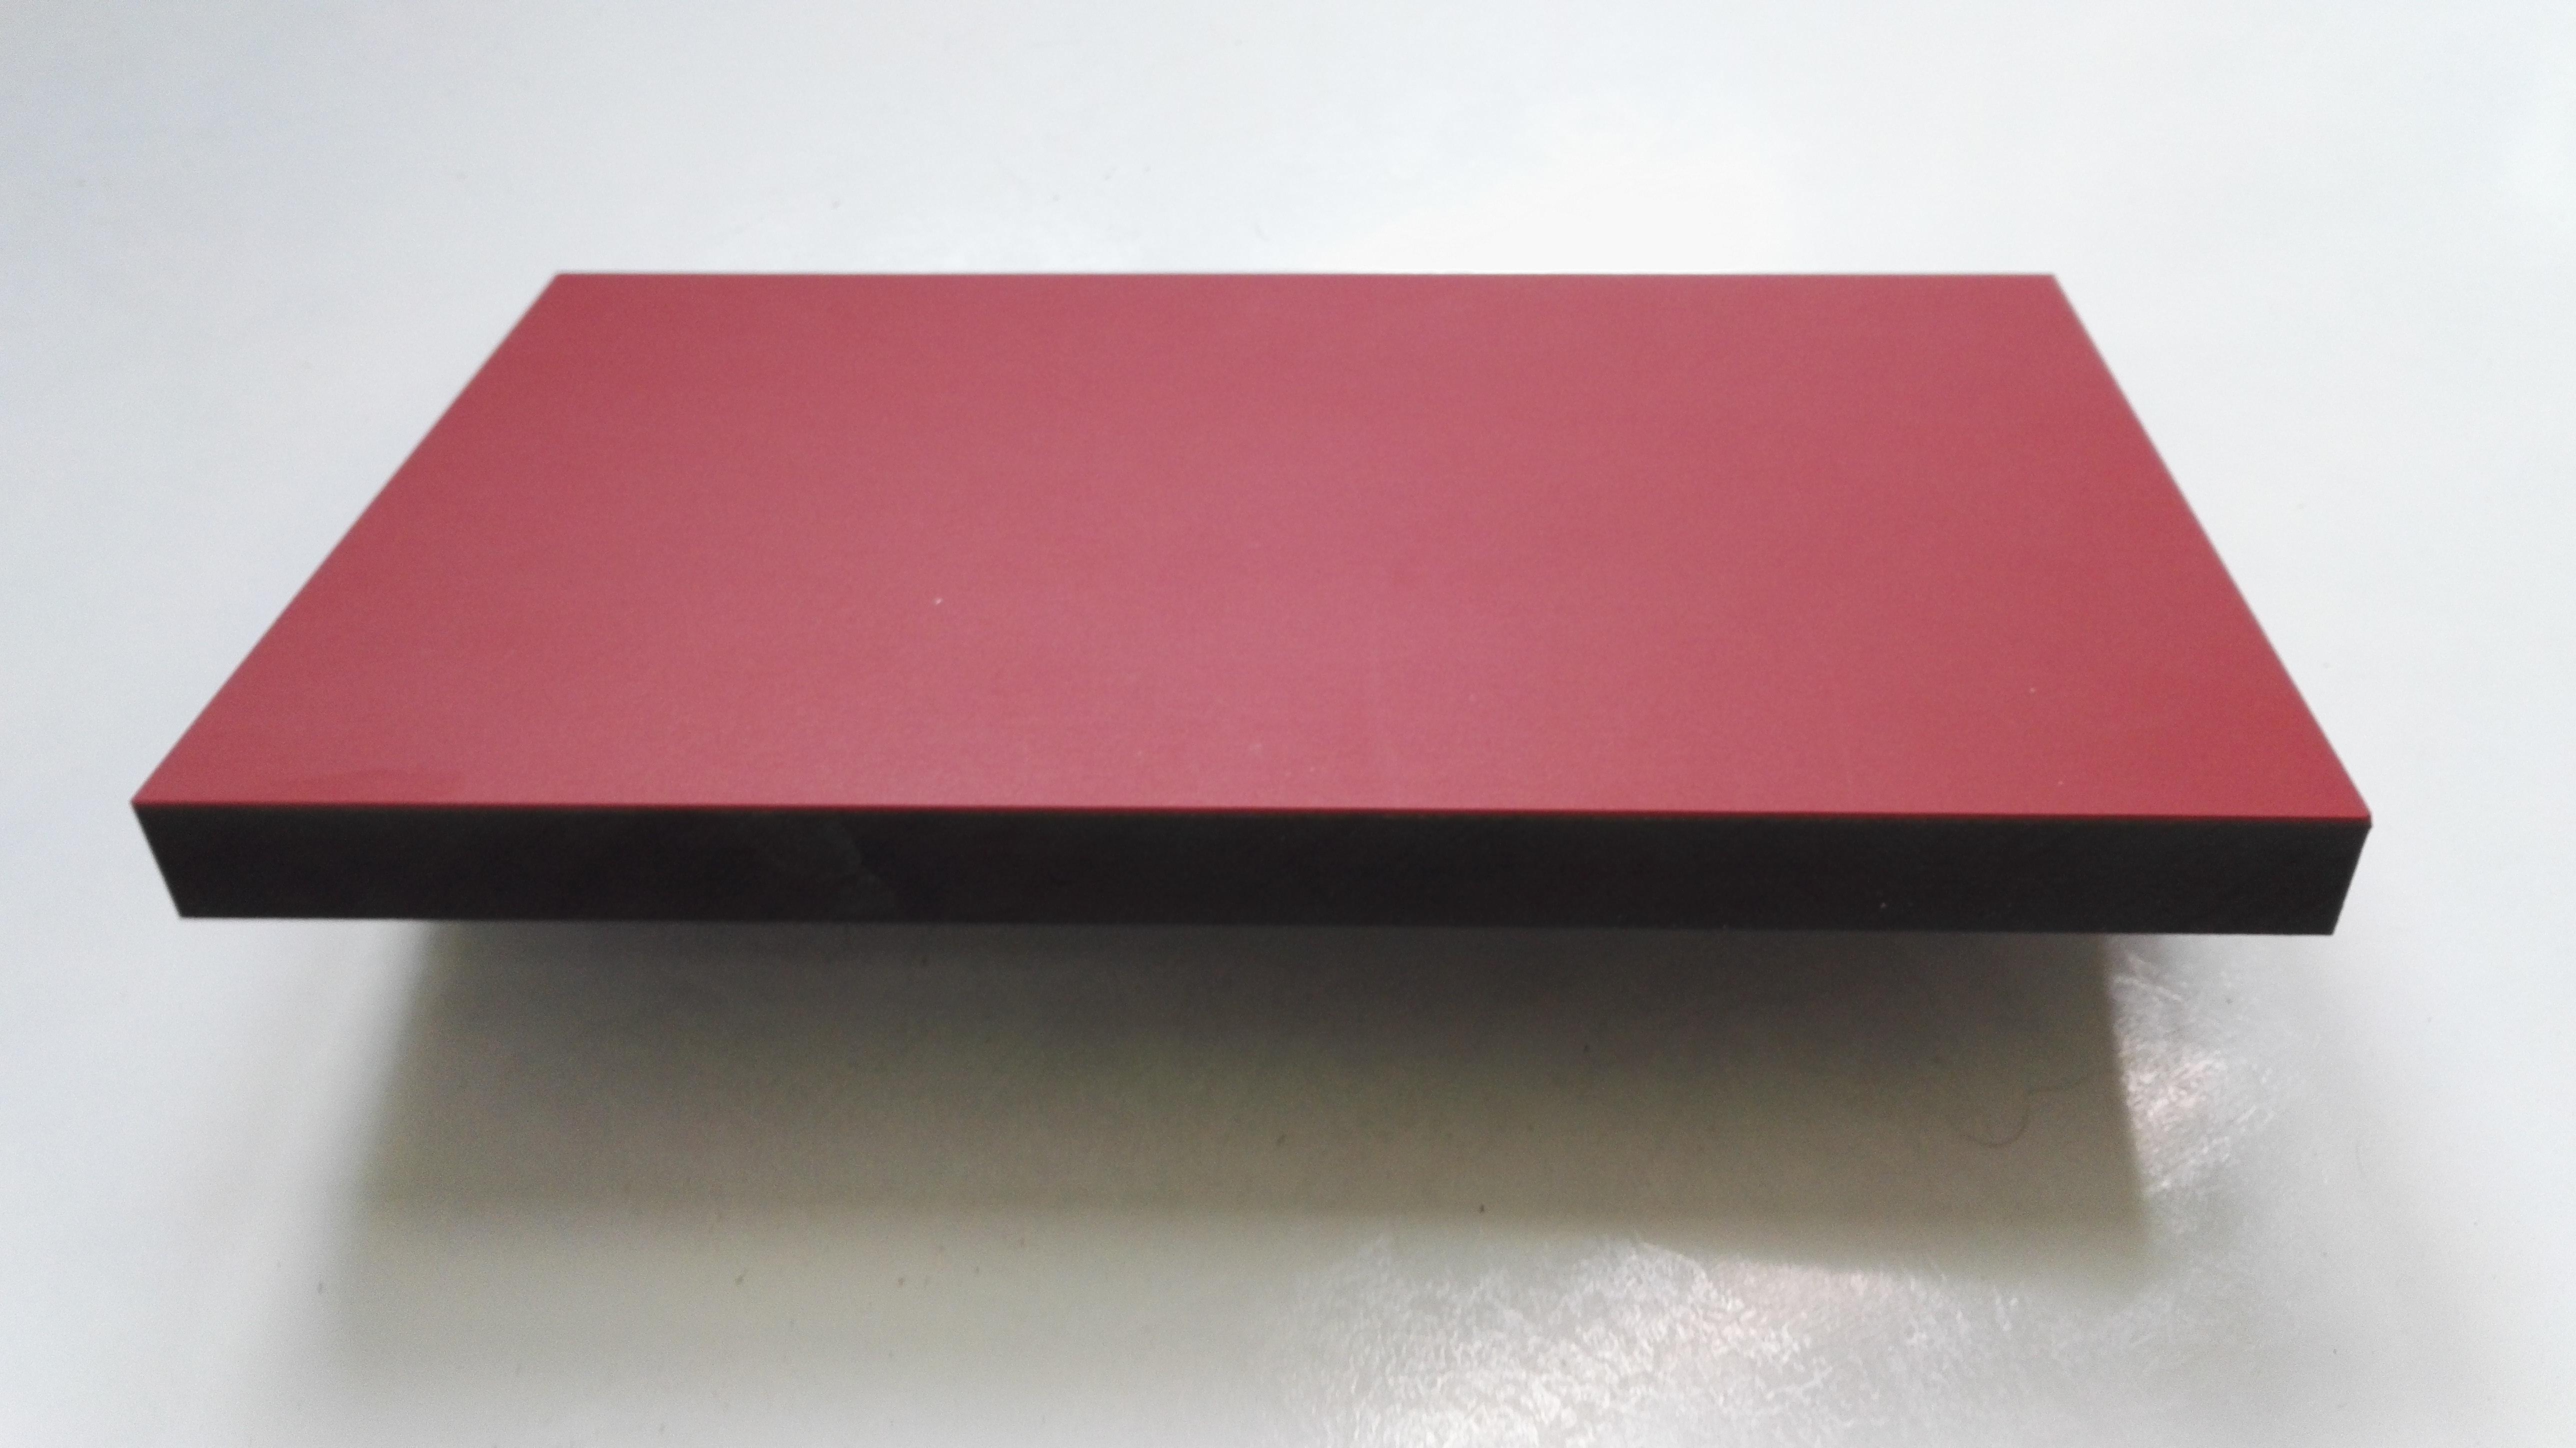 lautsprecherbau thomaier schallwand zuschnitt mdf schwarz 19 mm einseitig mit linoleum rot belegt. Black Bedroom Furniture Sets. Home Design Ideas